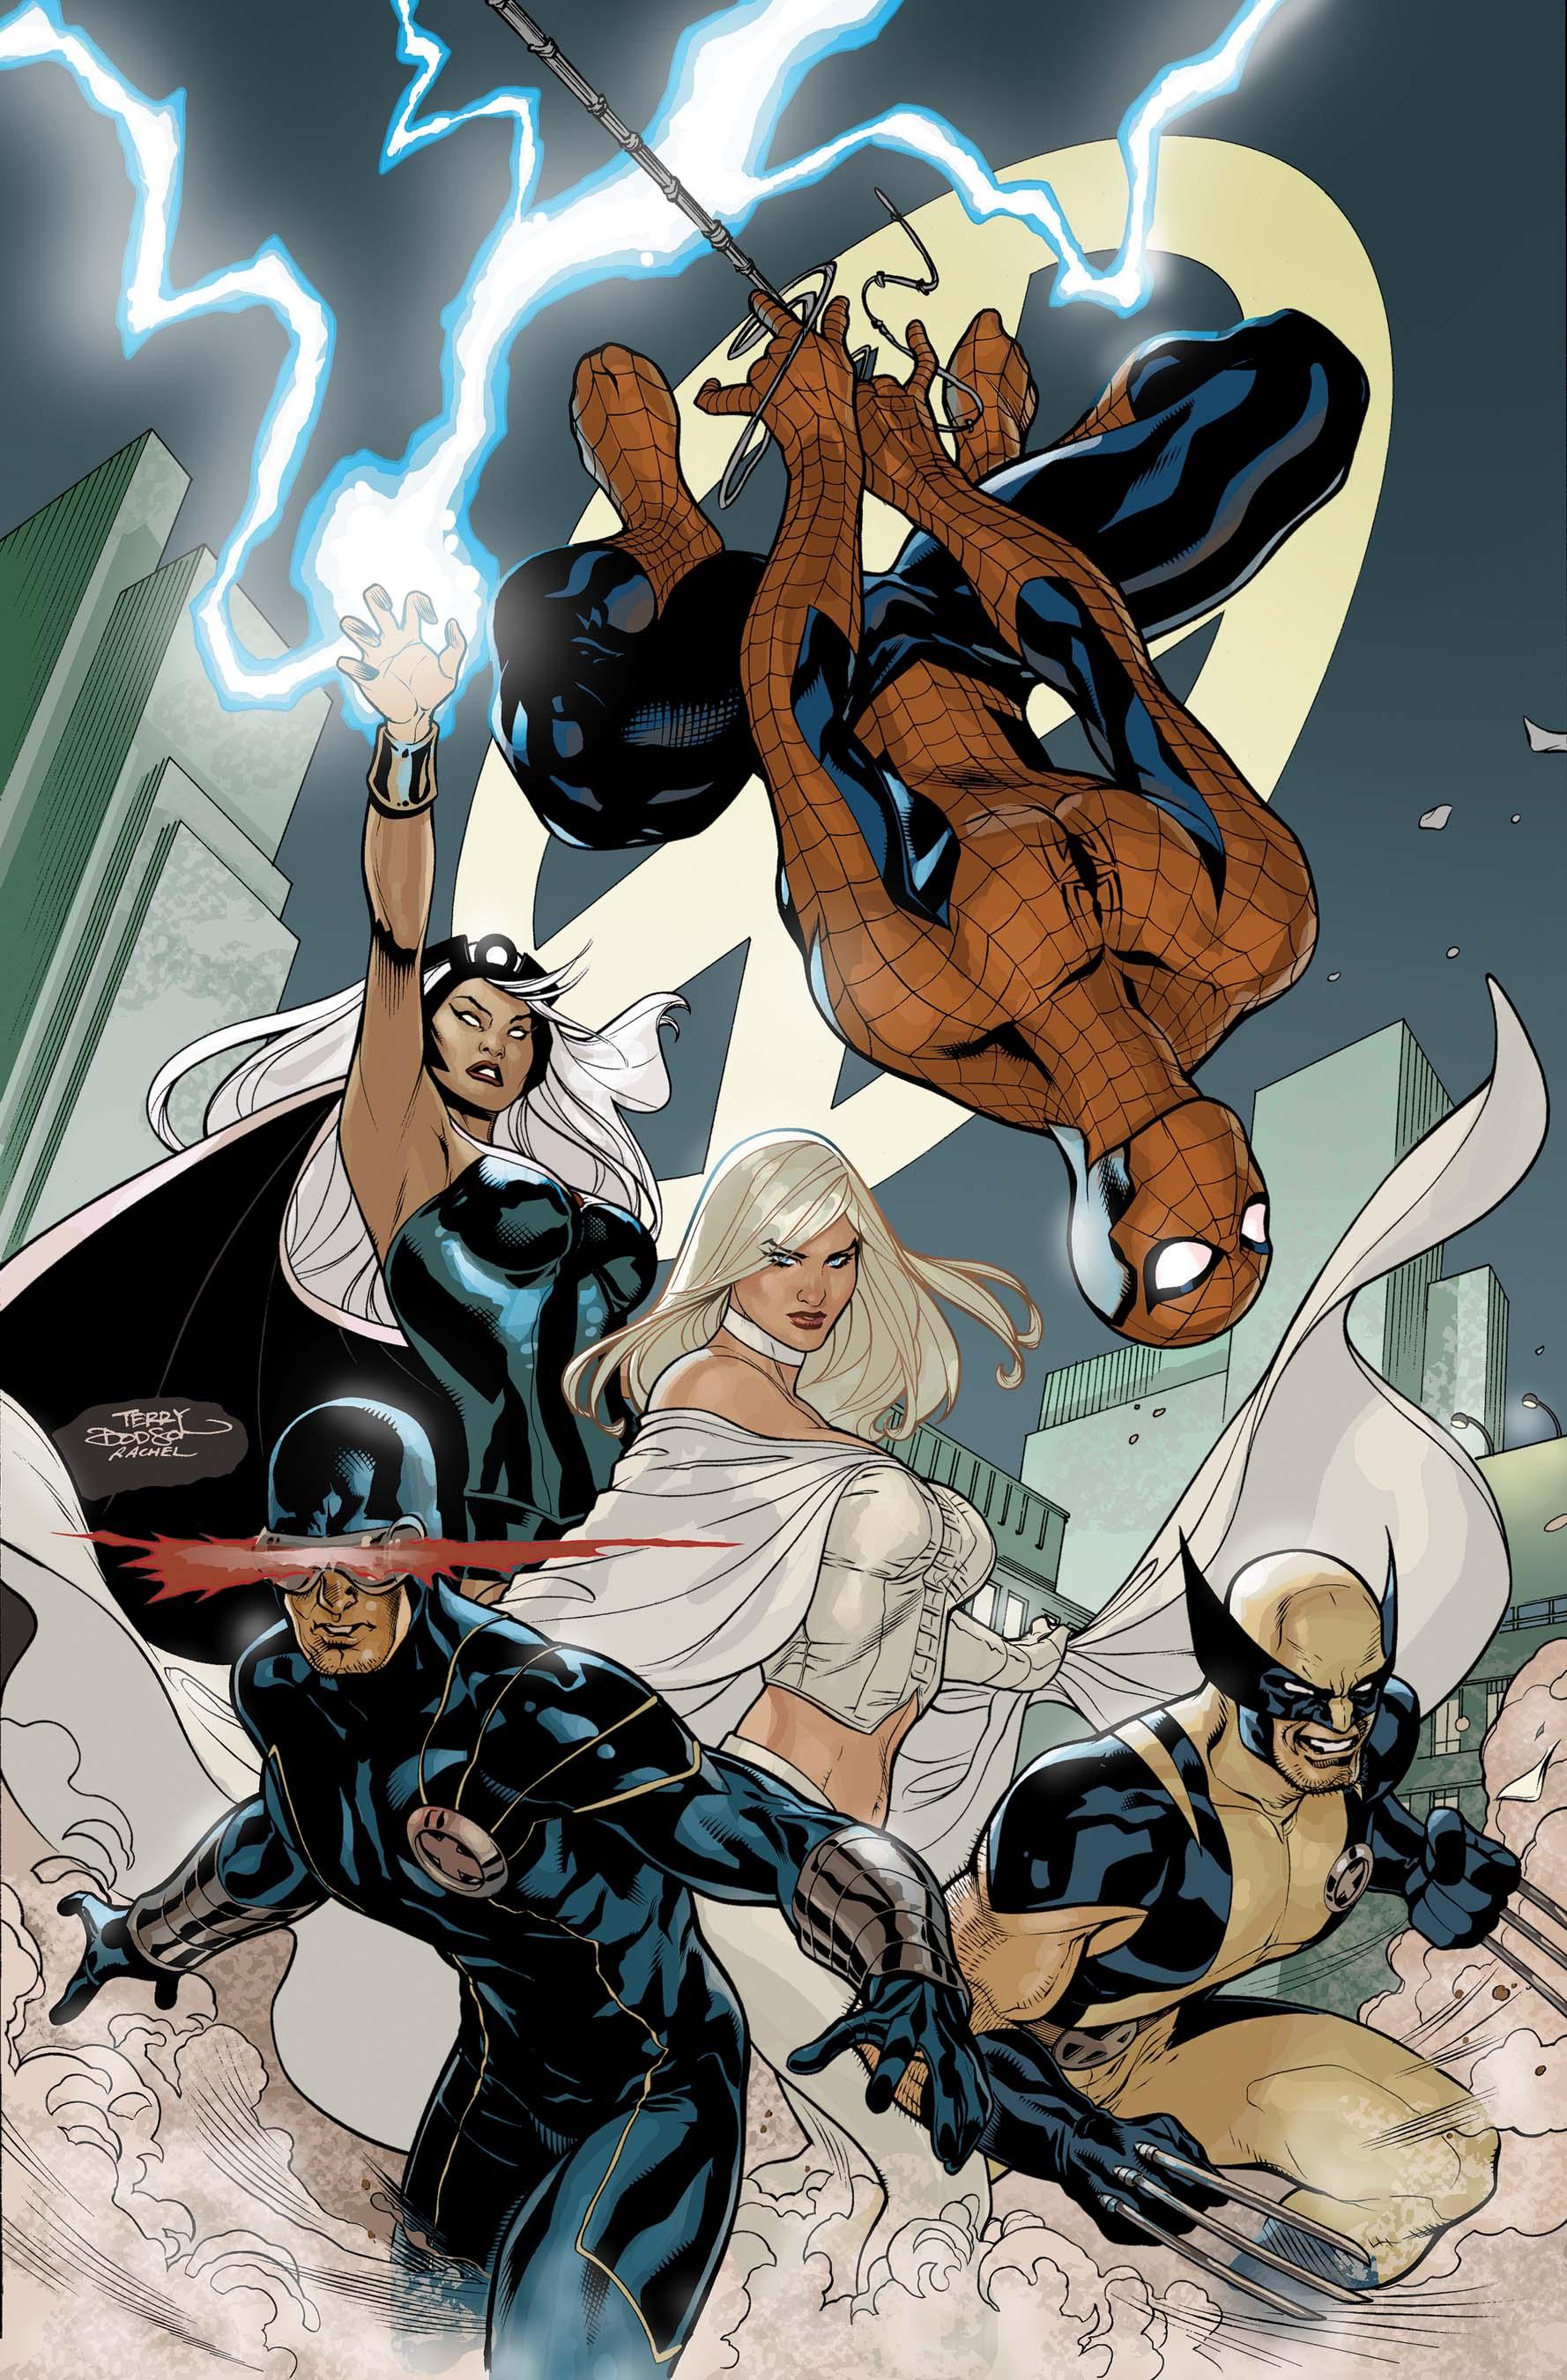 X-Men: Great Power (2011) #1